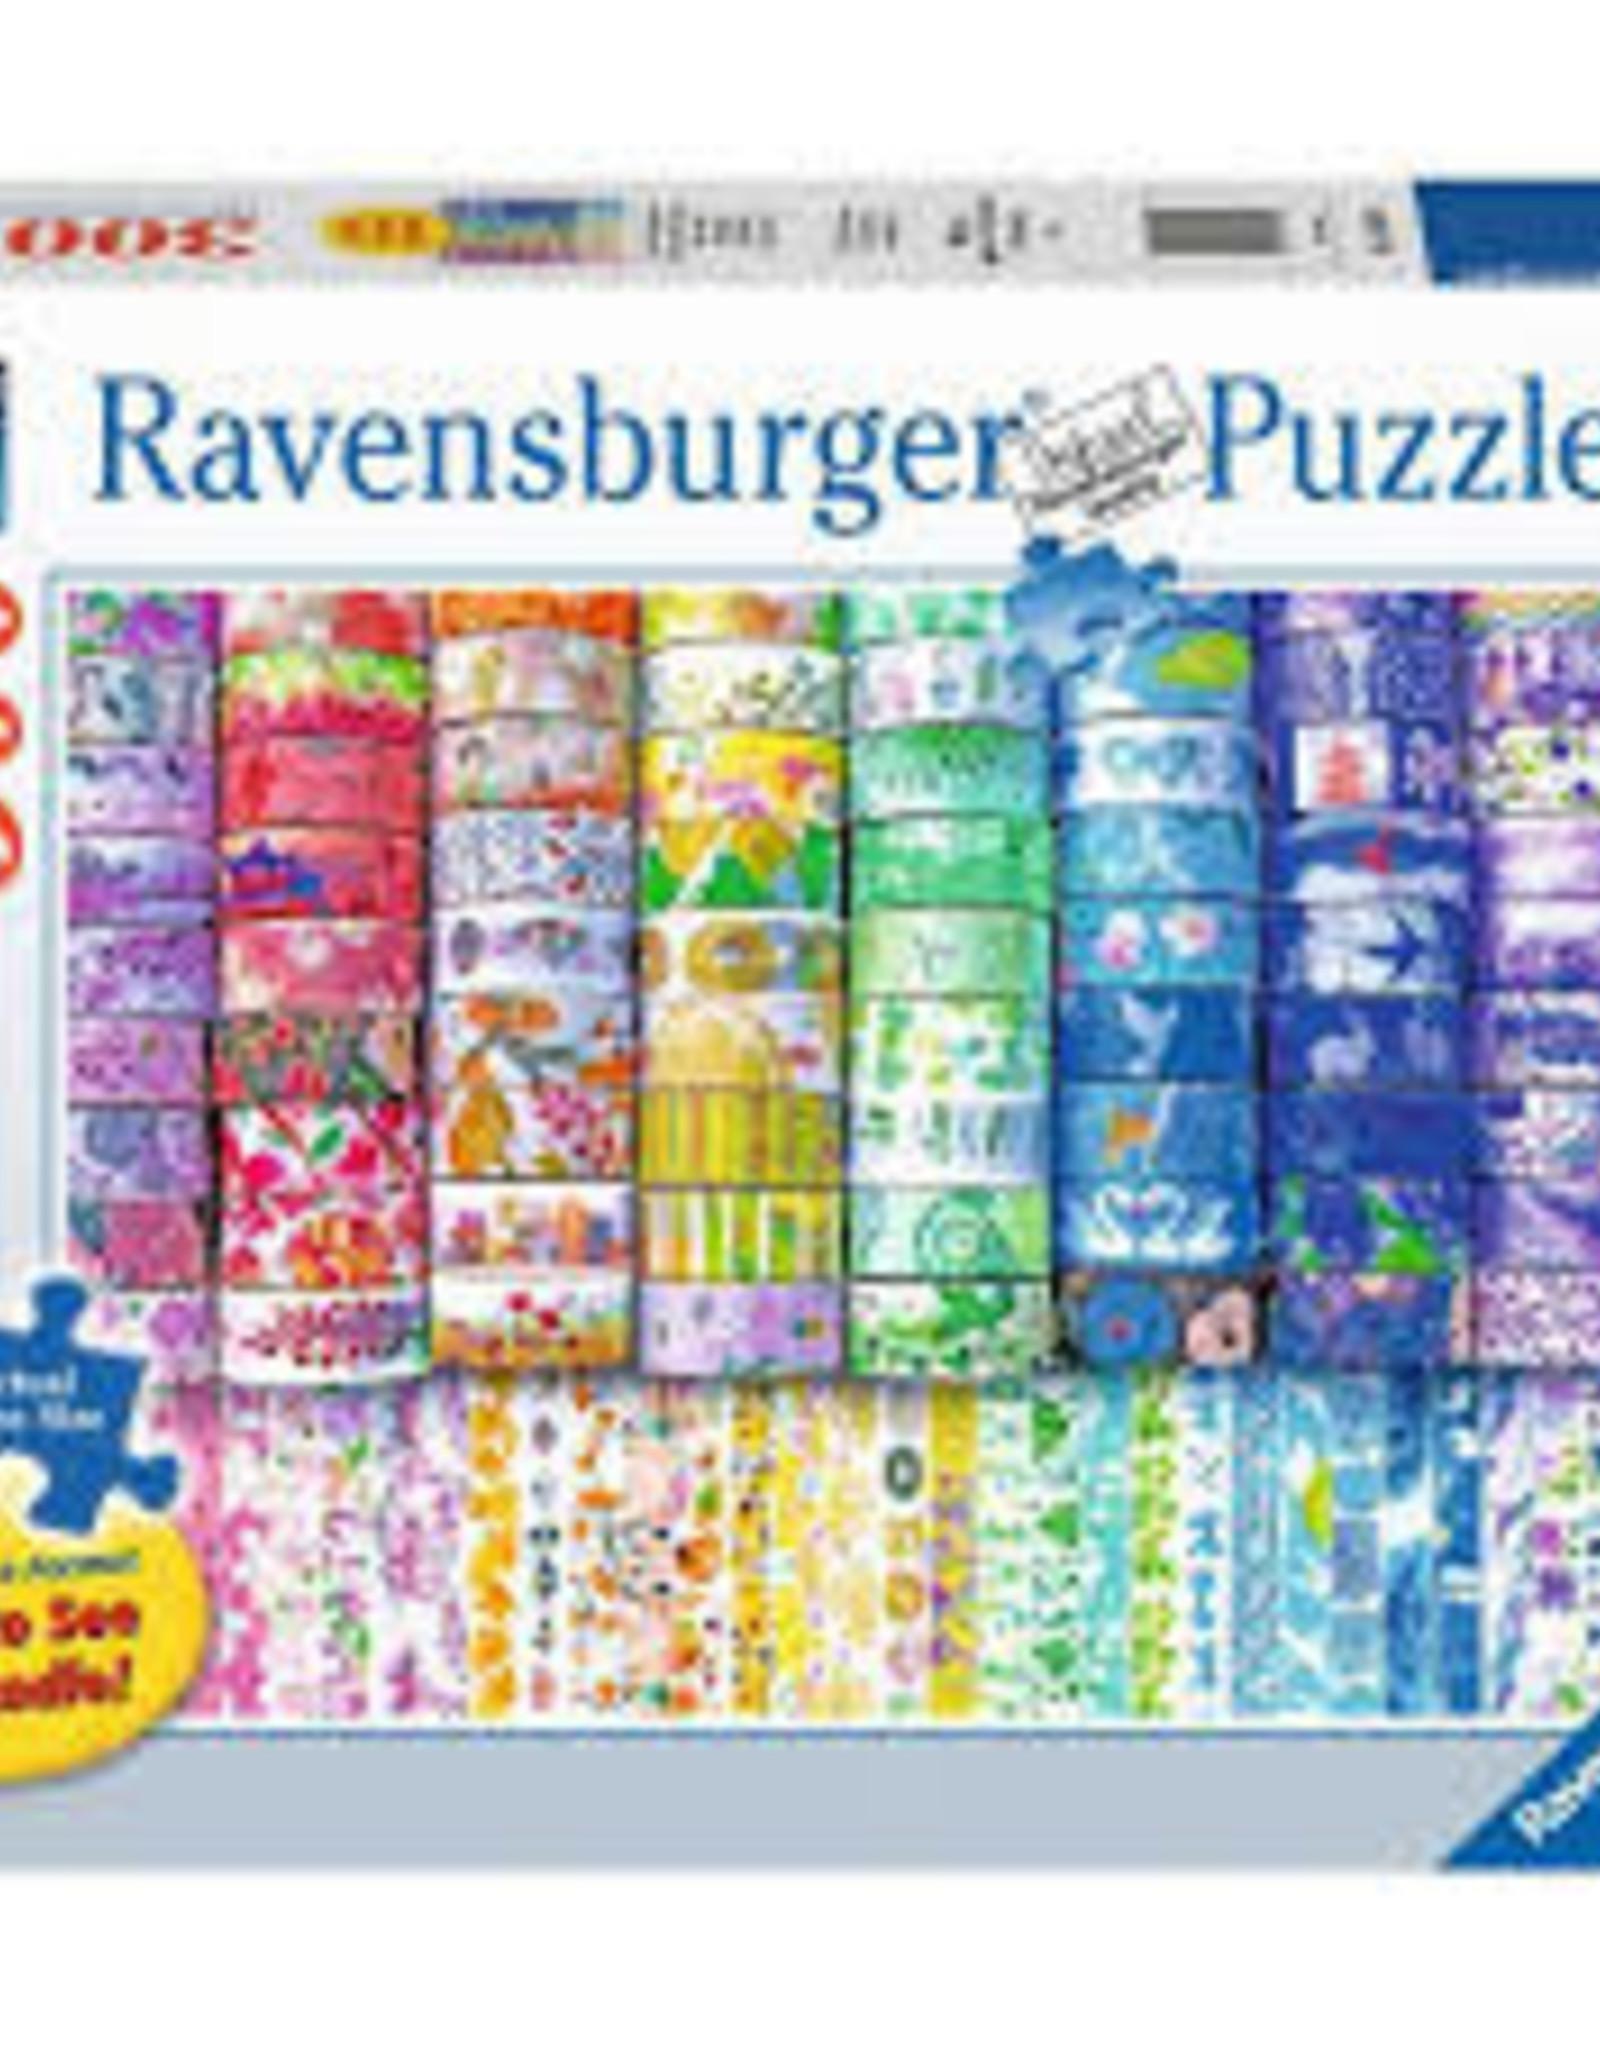 Ravensburger Washi Wishes (300 PC Large)